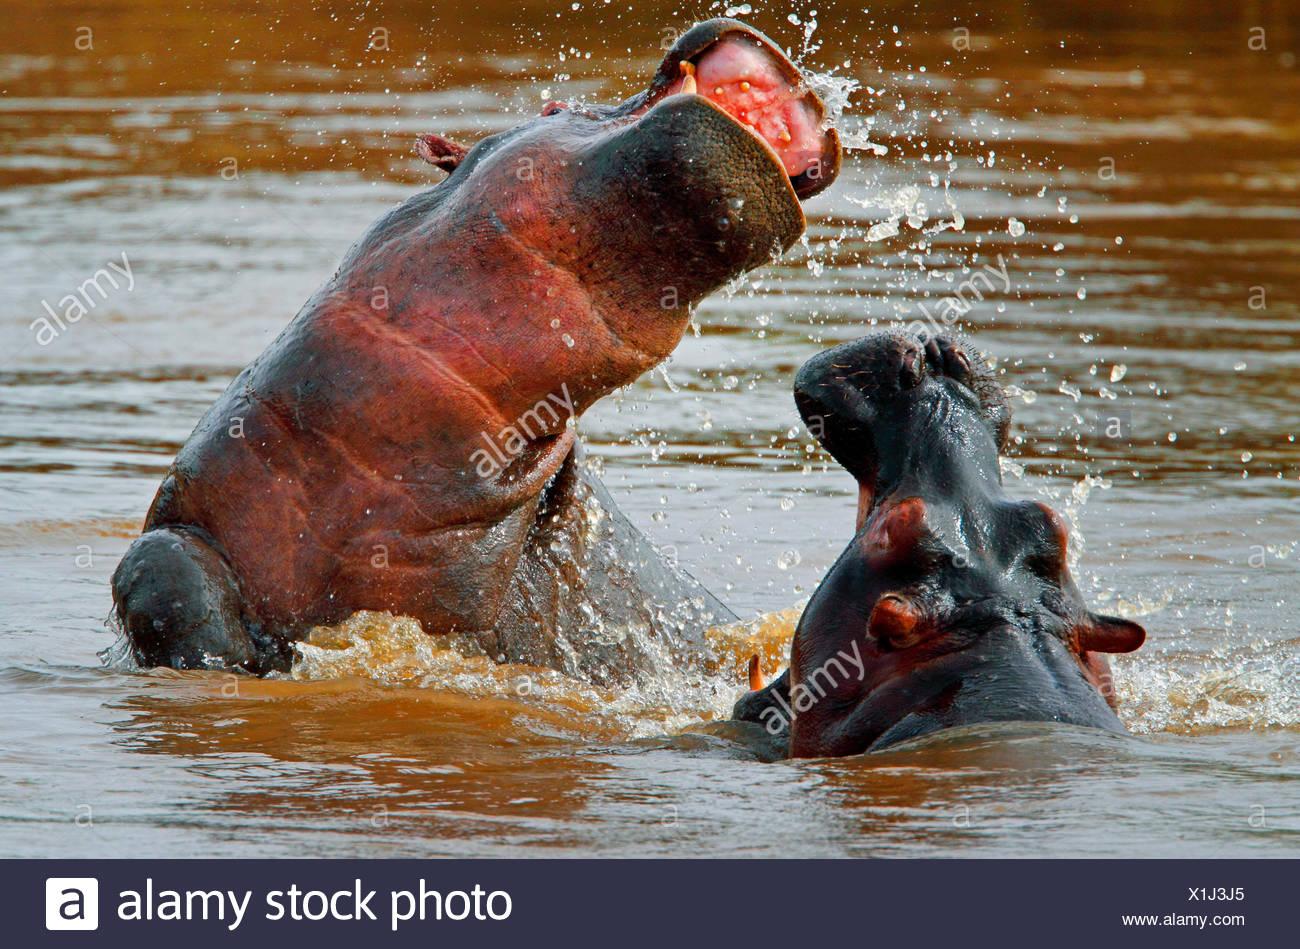 hippopotamus, hippo, Common hippopotamus (Hippopotamus amphibius), two fighting hippos in water, Kenya, Masai Mara National Park - Stock Image